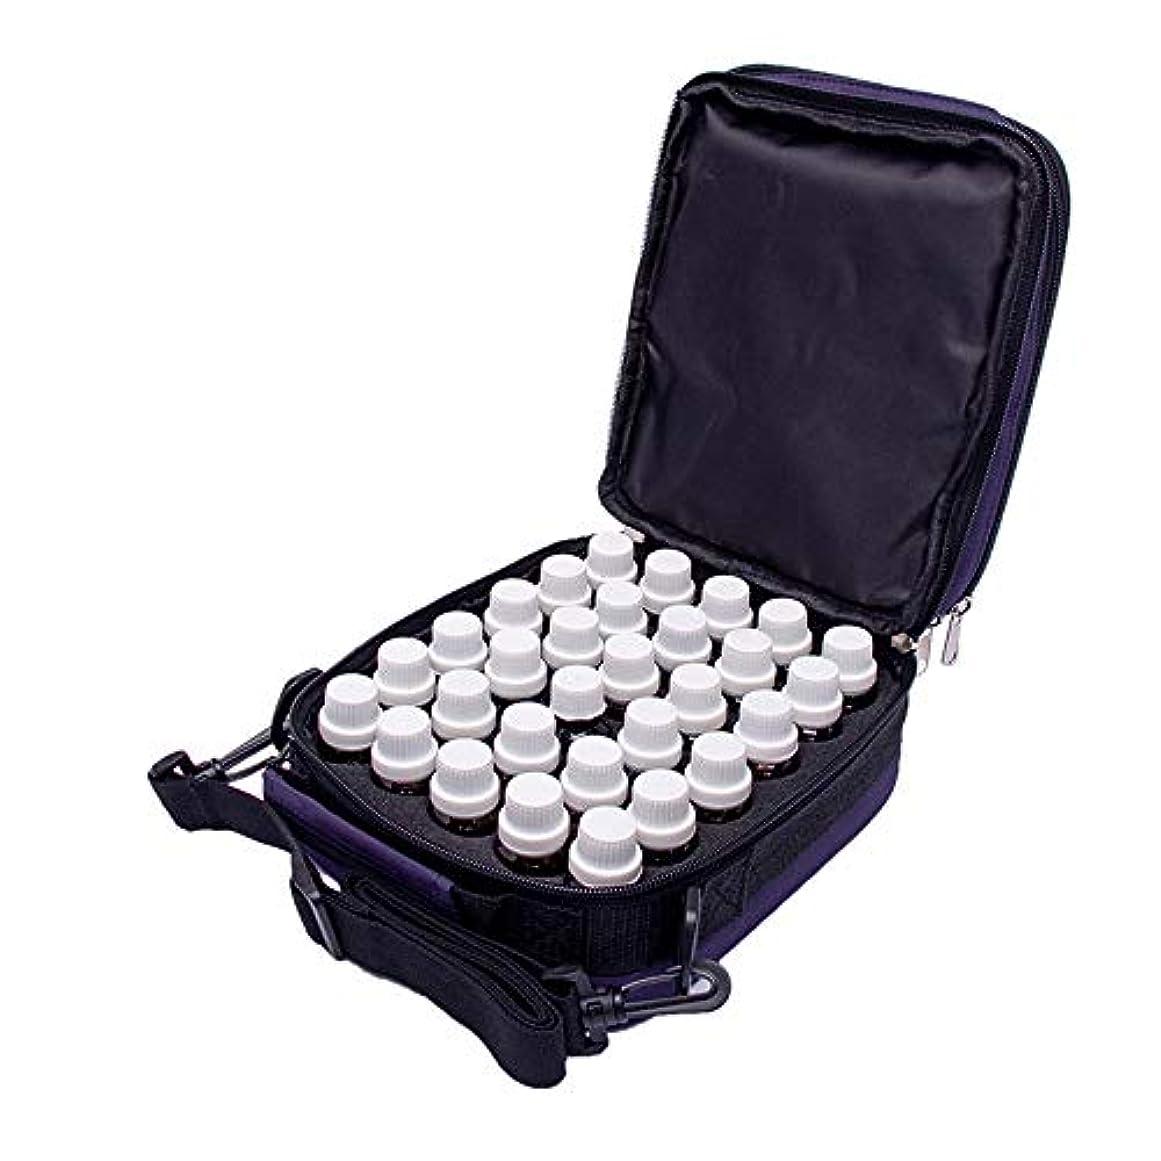 刺す師匠独特のエッセンシャルオイルストレージボックス 5?10mlのバイアルパープルボトル用ケーストートバッグキャリング42ボトルエッセンシャルオイルディフューザー 旅行およびプレゼンテーション用 (色 : 紫の, サイズ : 18X13X21CM)